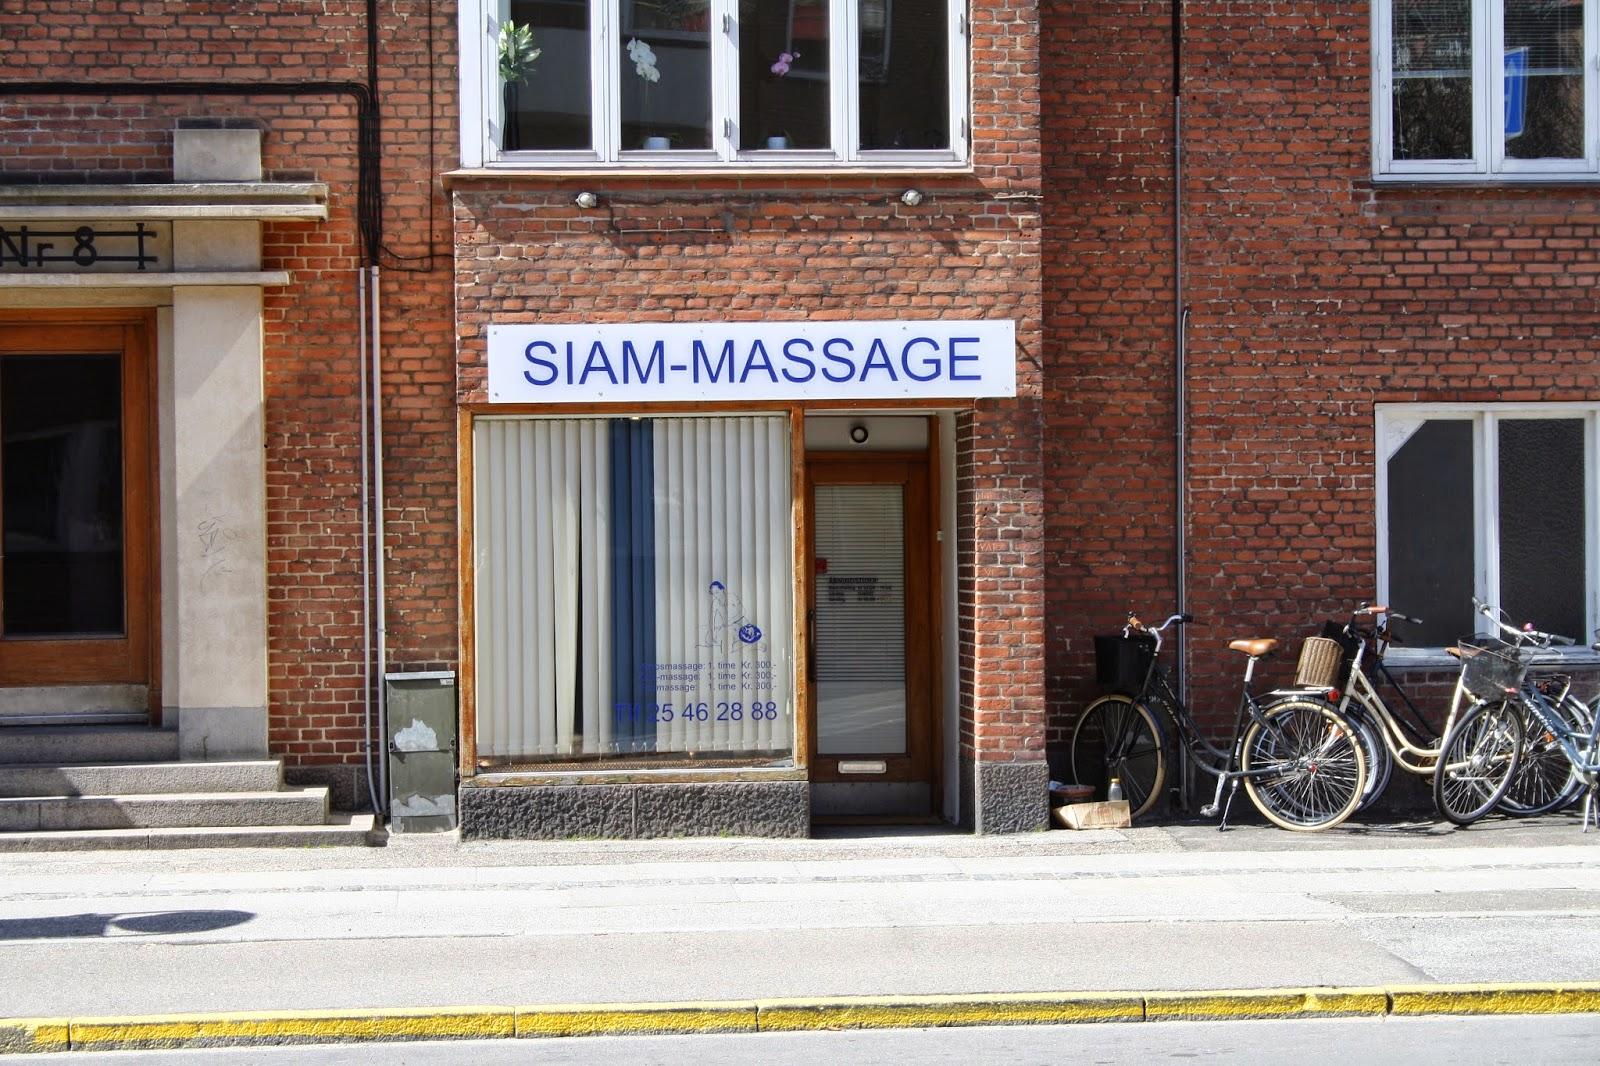 thai östersund siam massage